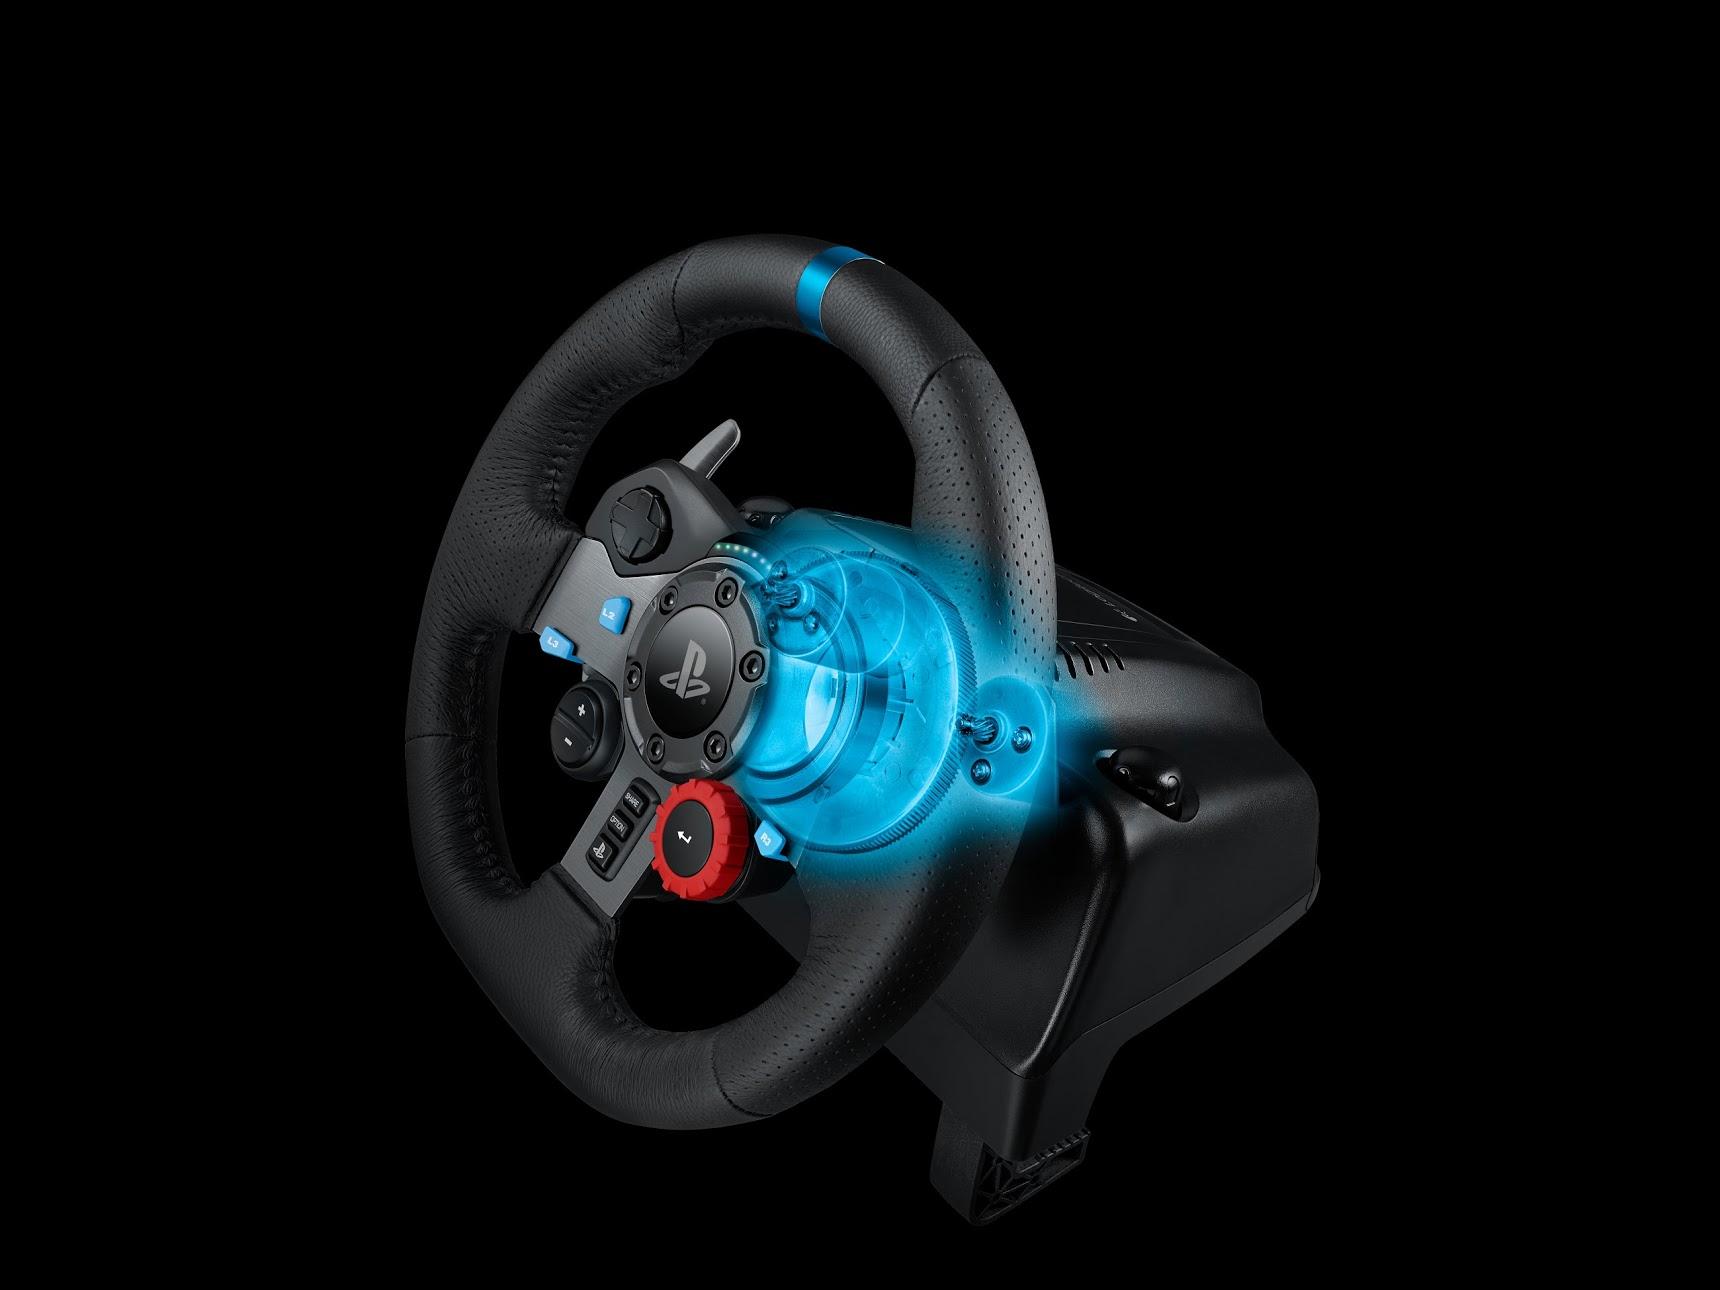 434b80832ae Logitech Announces G29 & G920 Steering Wheels – VirtualR.net – 100 ...